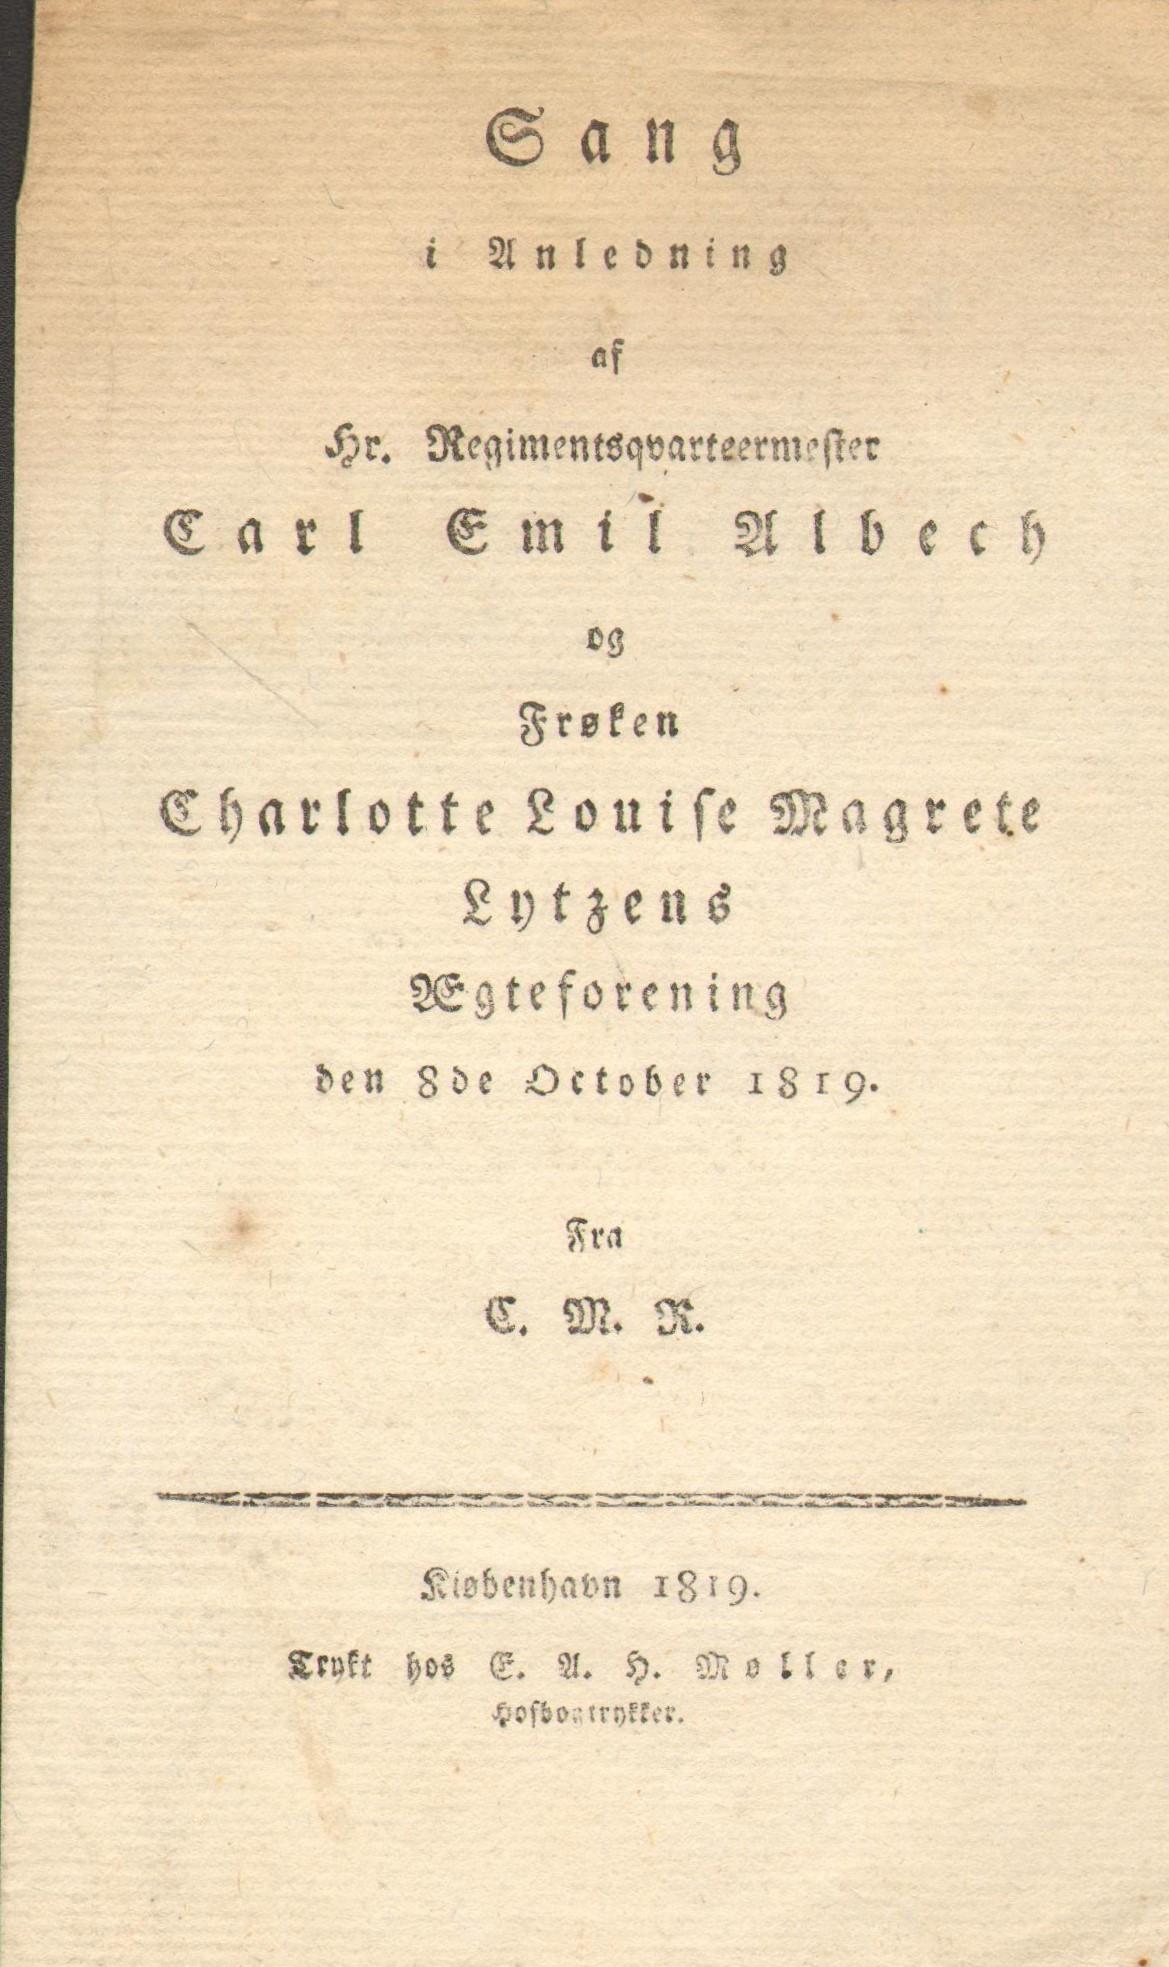 75.114  Sang i anledning af regimentskvartermester Carl Emil Albeck og frøken Charlotte Magrethe Lytzens ægteforening 8. october 1819  Trykt hos hofbogtrykker E.M.H Møller.